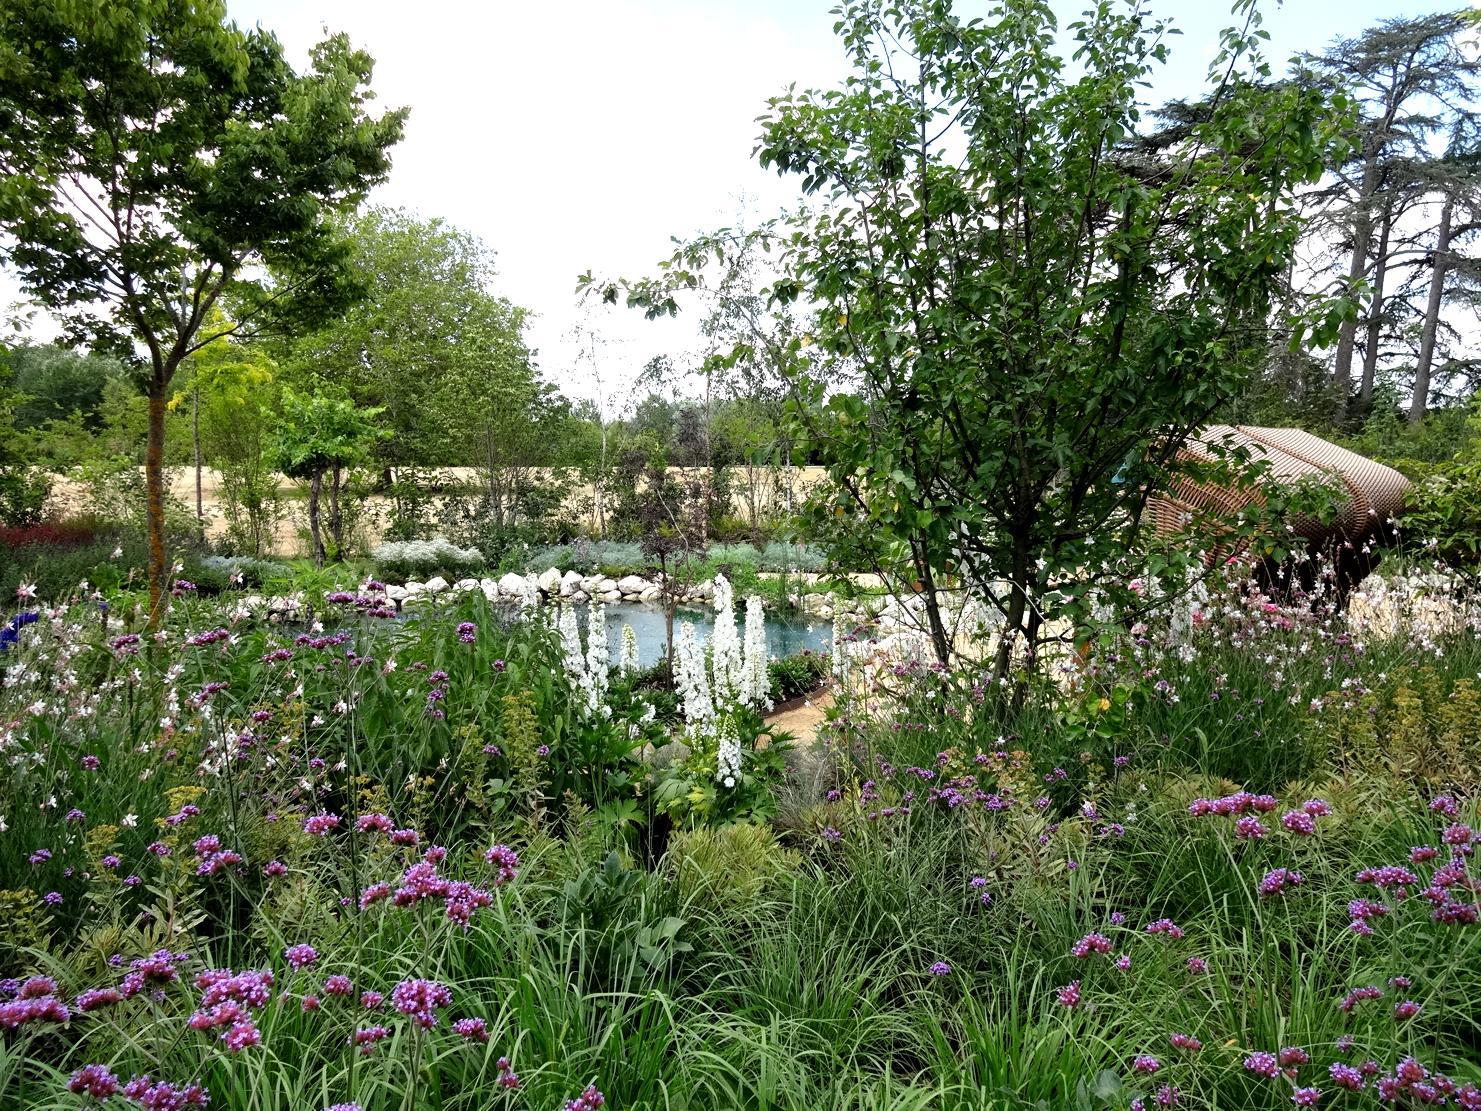 19 Chaumont sur Loire Pres Goualoup Oeuvre 9 A 9 Zoom